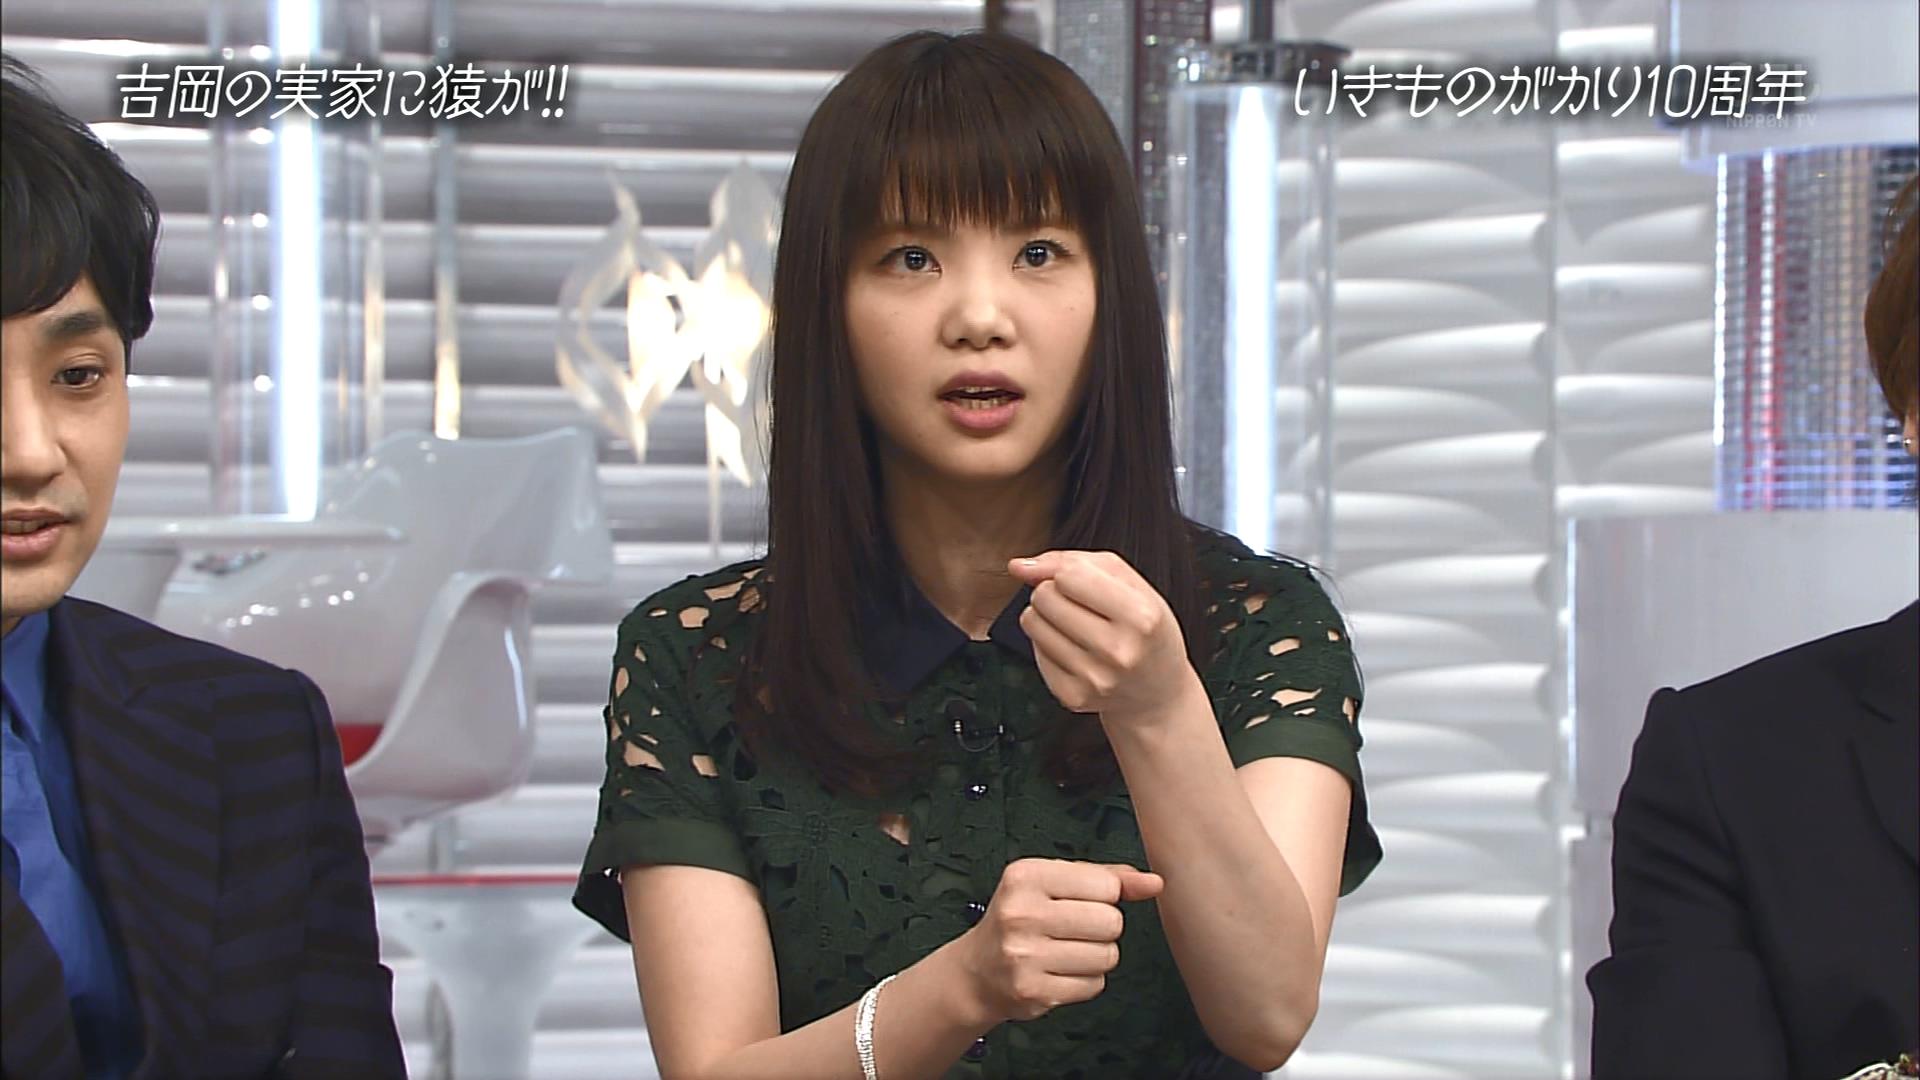 2016.03.13 全場(おしゃれイズム).ts_20160313_231113.899